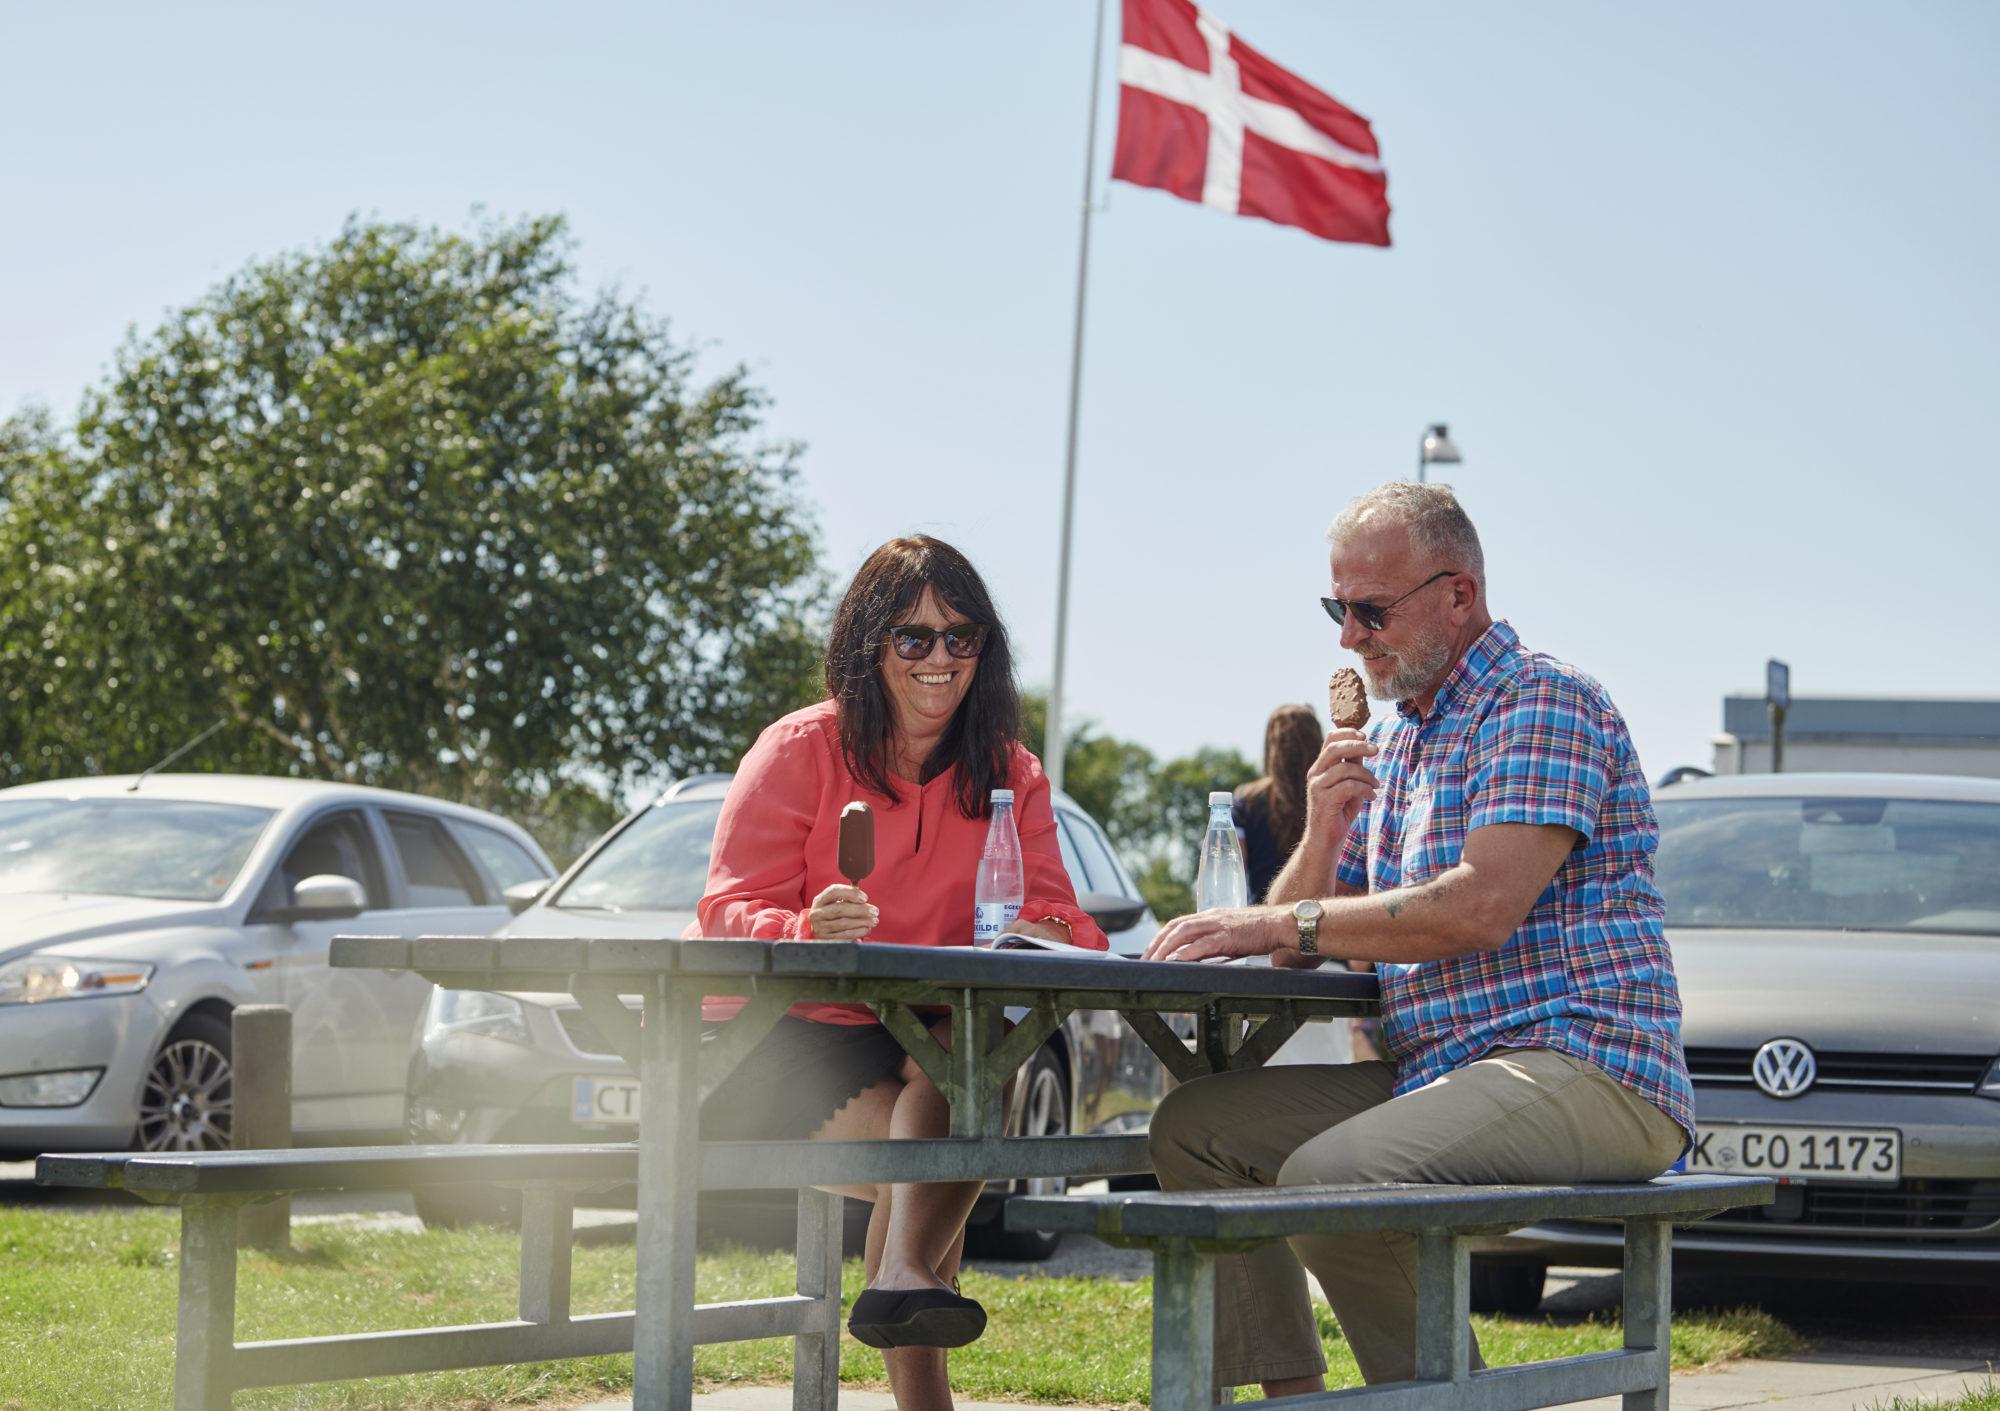 Gi gass mot nye eventyr! Korte avstander, hyppige attraksjoner og meget godt tilrettelagt veinett gjør Danmark til en drøm av et bilferieland. Foto: Fjord Line/M. Wanvik